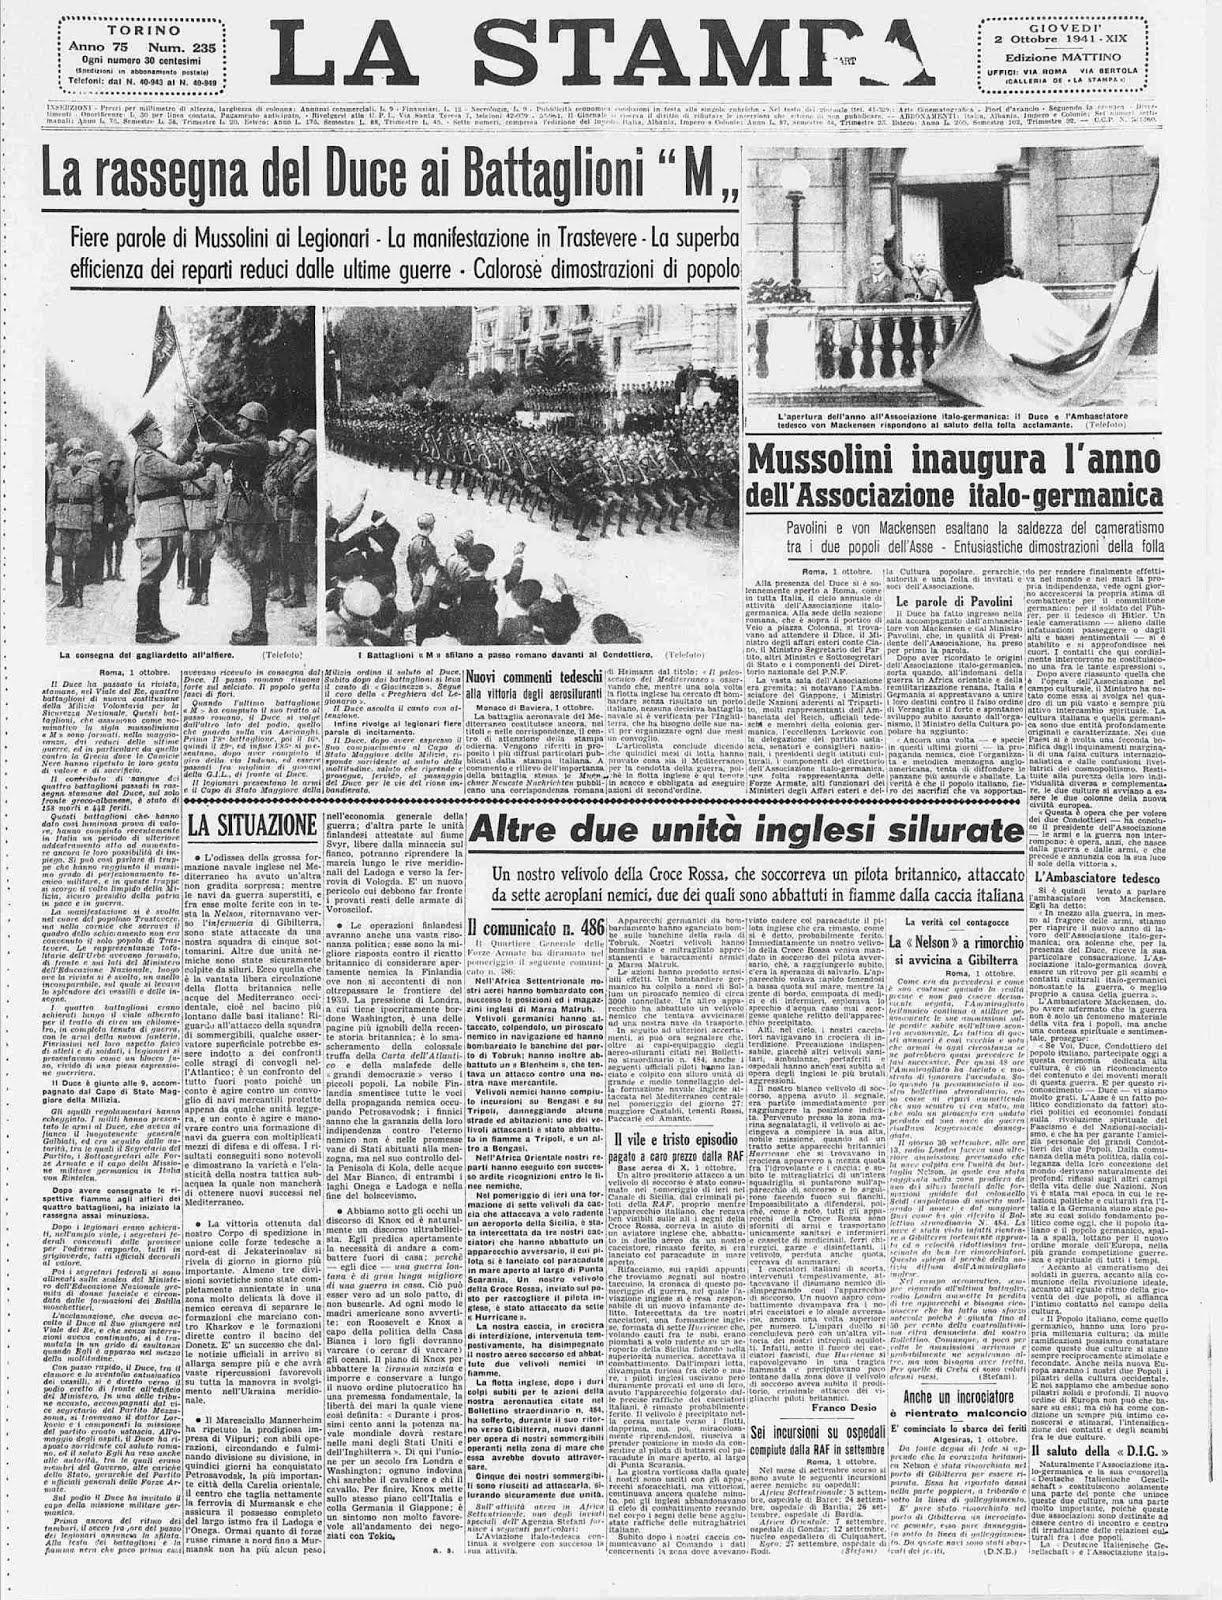 L A STAMPA 2 OTTOBRE 1941